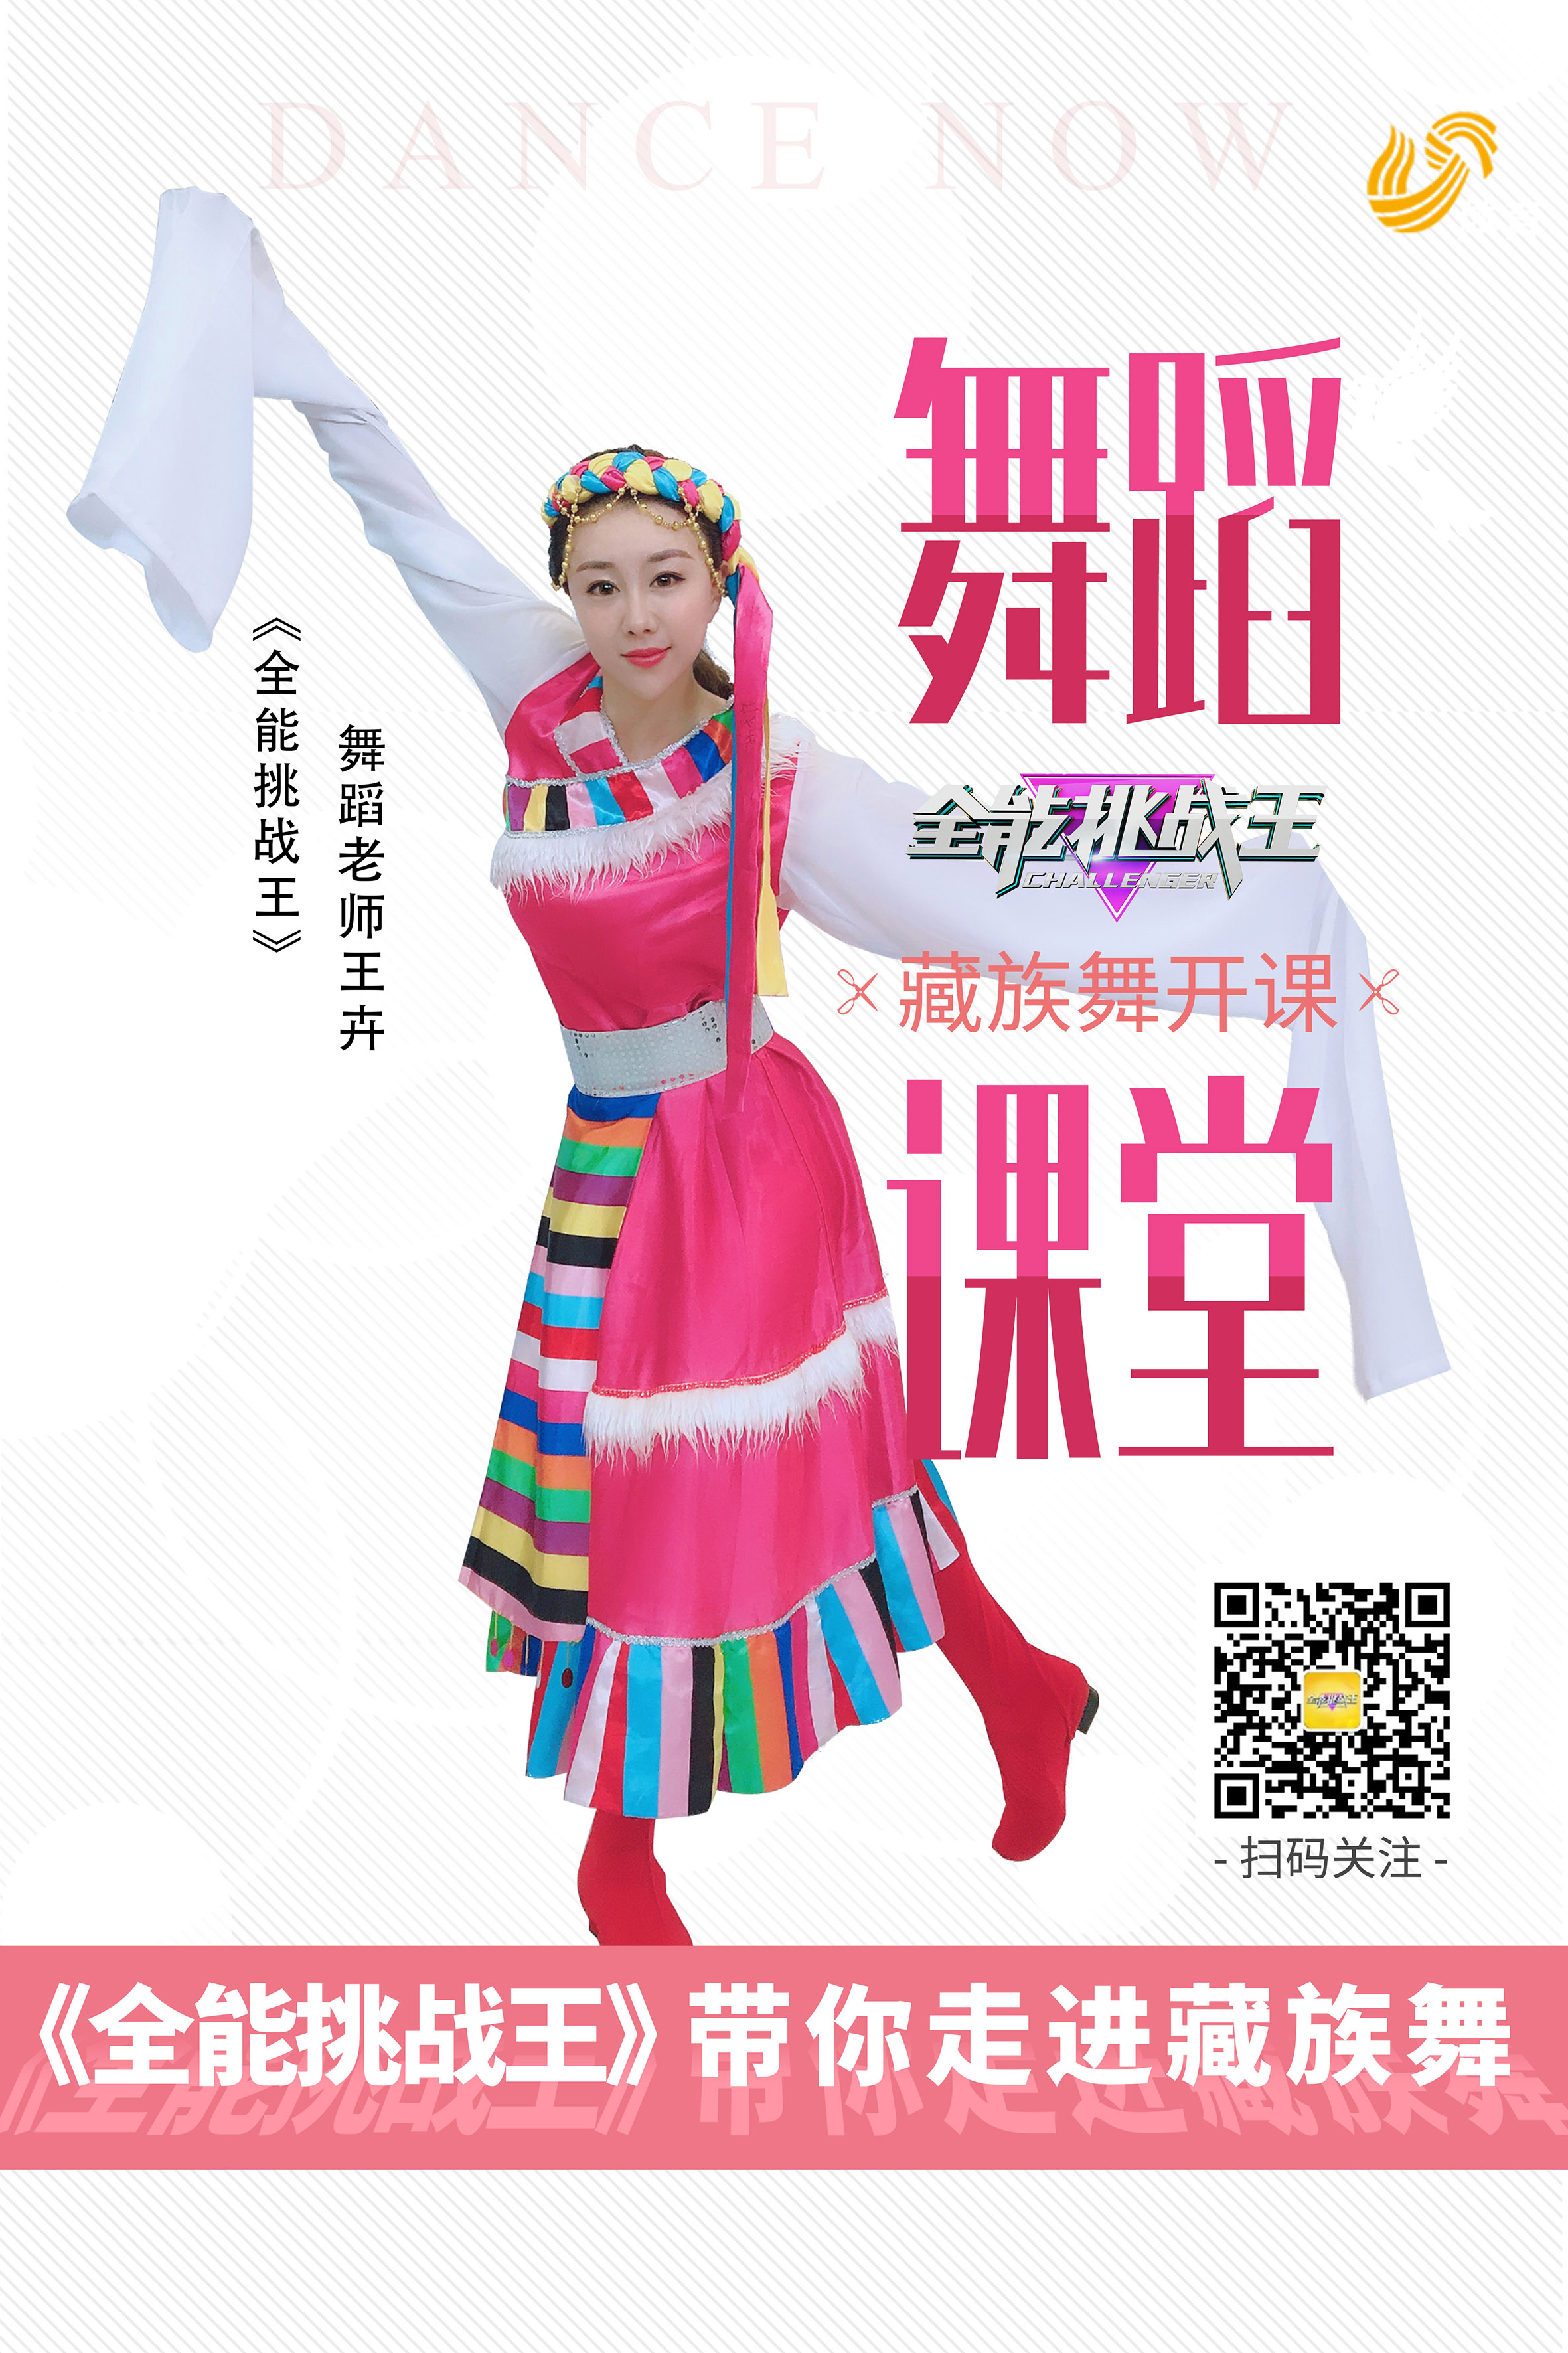 全能挑战王|【舞蹈课堂】藏族舞上肢动作讲解教学(一)